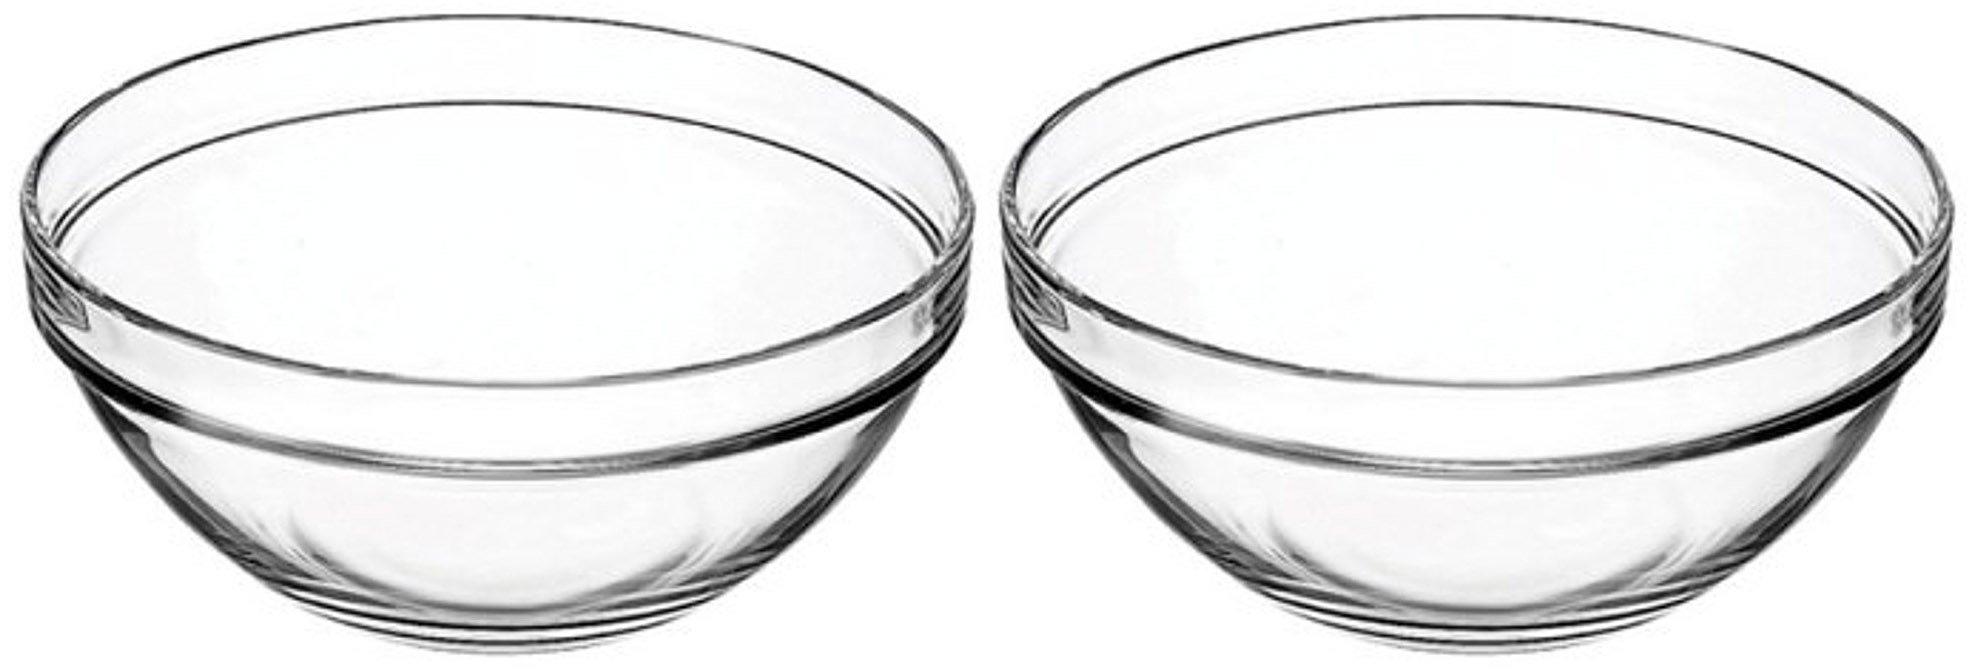 Set of 2 Vicrila 4 Liter Bake and Serve 10'' X 4.5'' Glass Bowls! Dishwasher Safe - Oven Safe - Microwave Safe - BPA FREE! Large Elegant 4 Liter Baking Glass Bowl! (2)